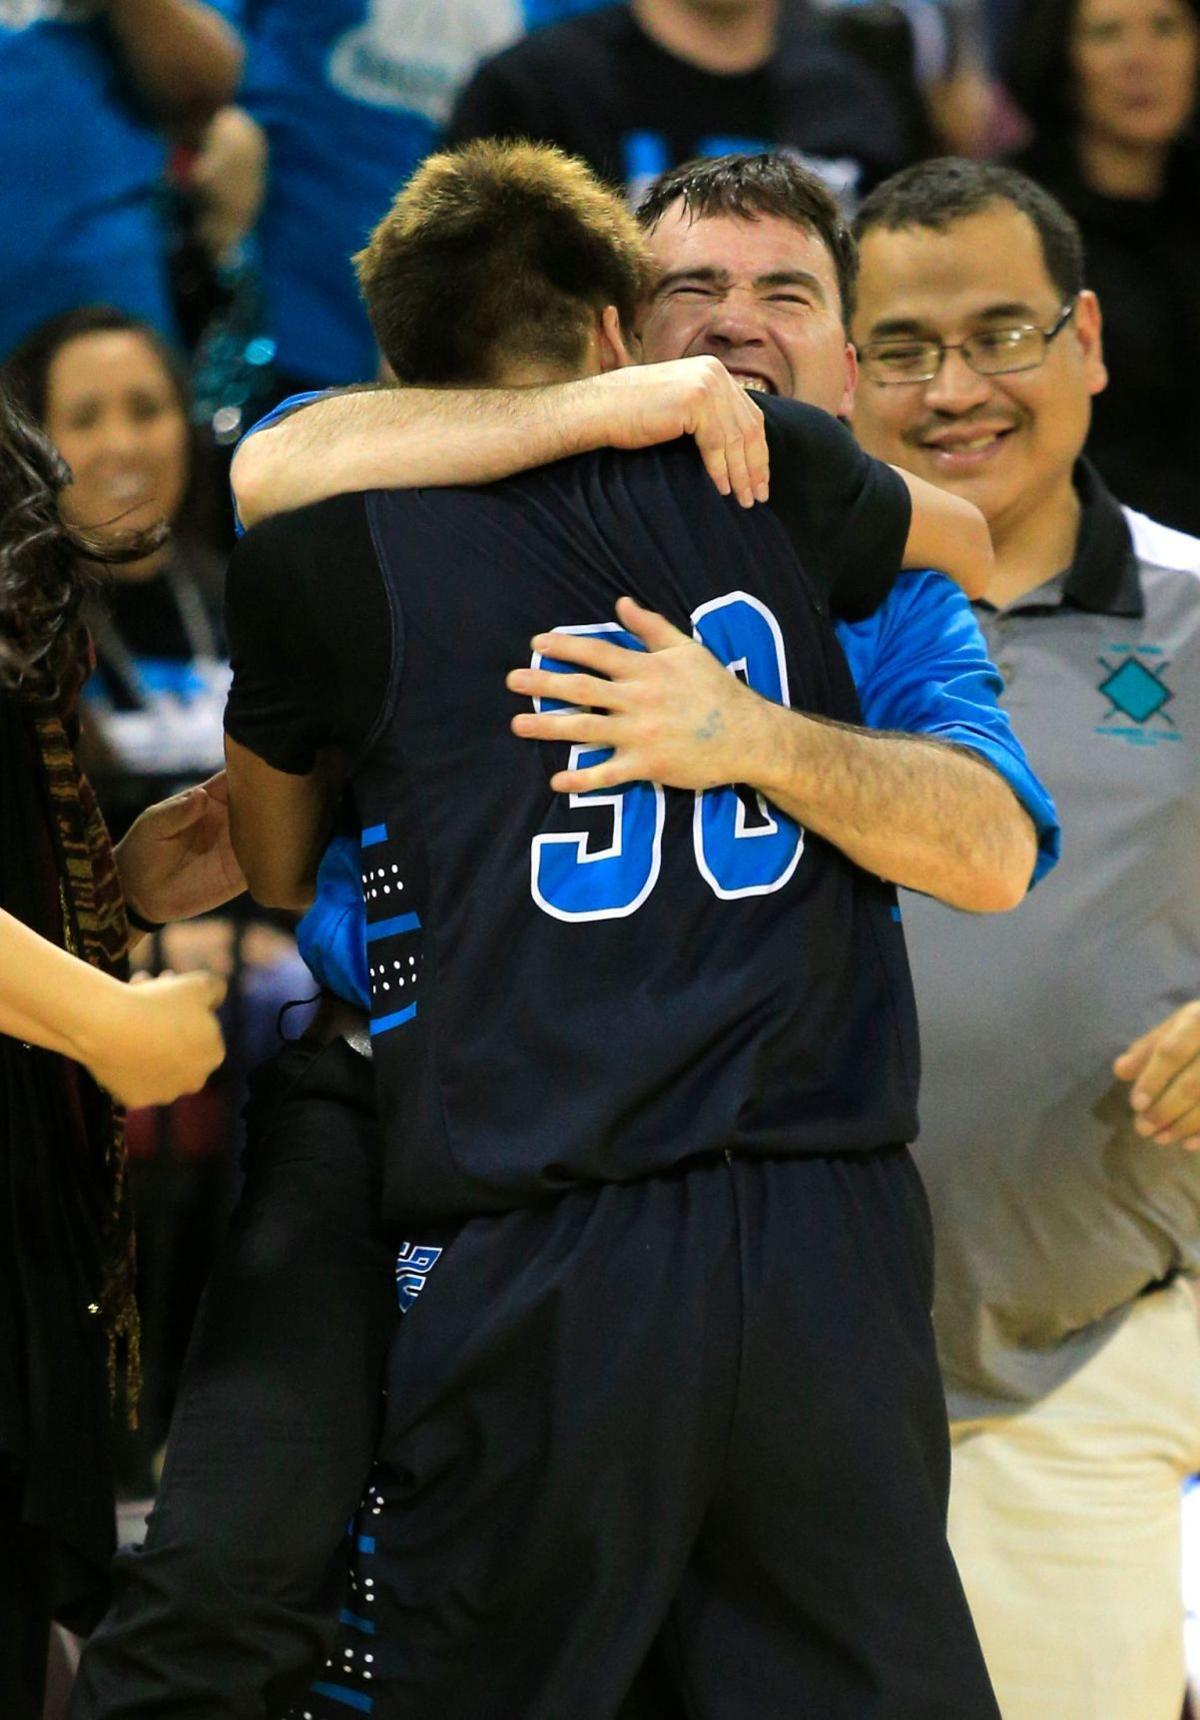 Lame Deer's Draven Hart hugs his coach Allen Fisher